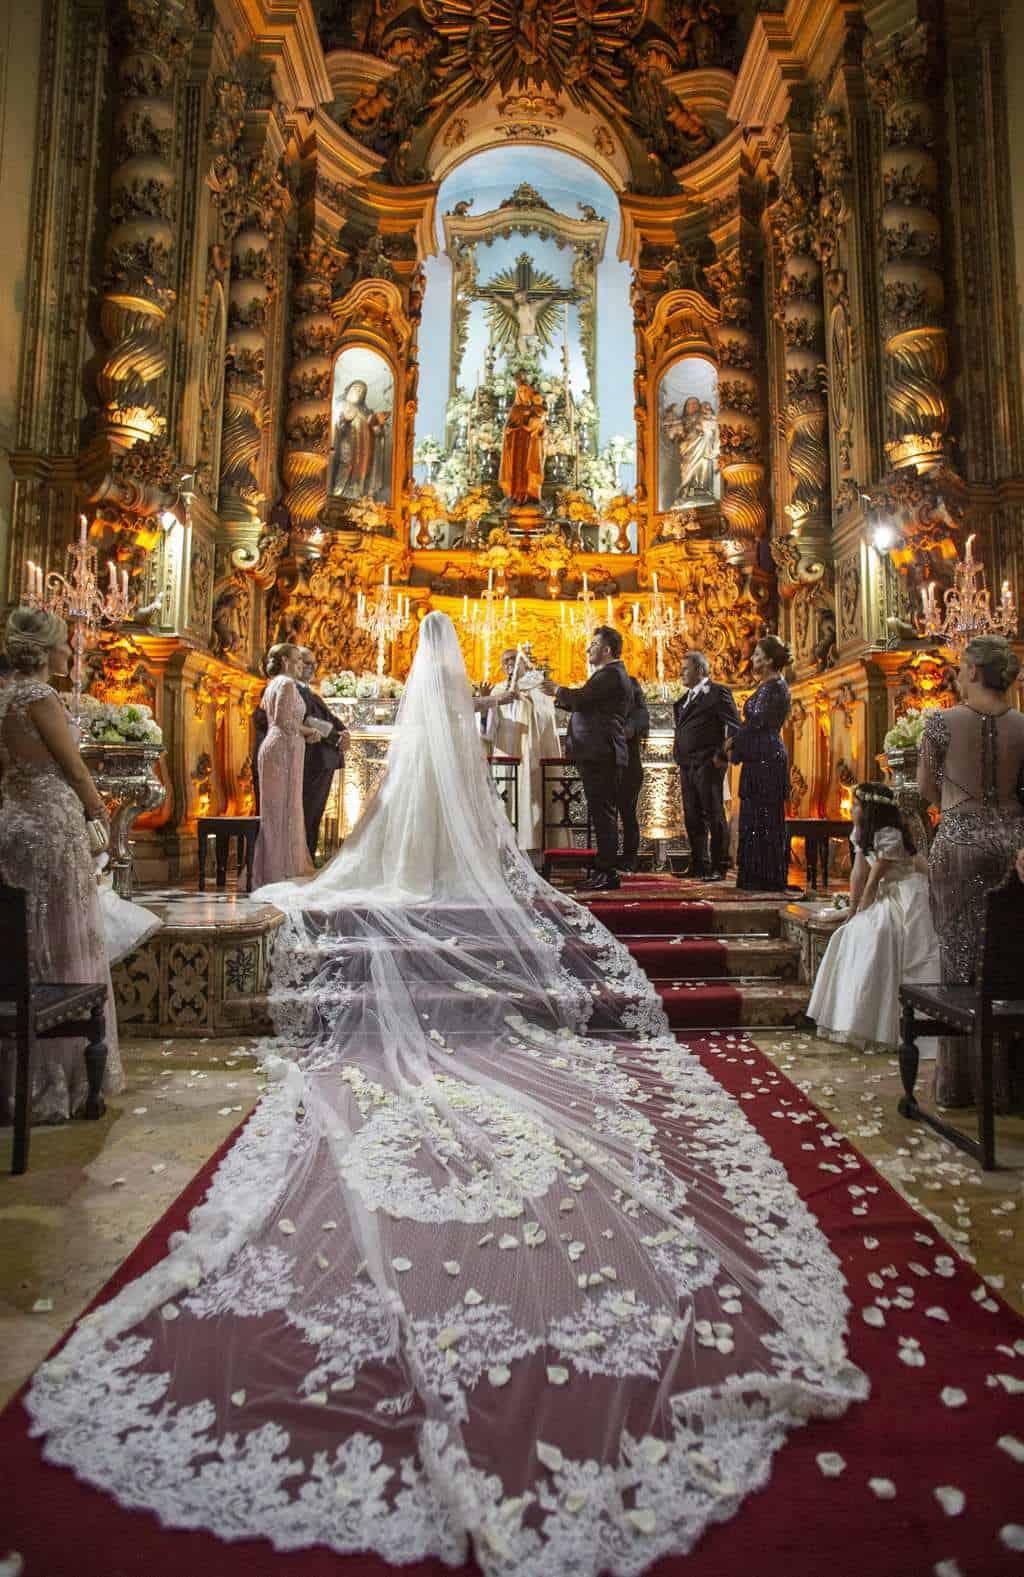 casamento-fernado-e-fernanda-cássico-foto-Fernanda-Scuracchio-e-Marcelo-Schmoeller-copacabana-palace-rj00004